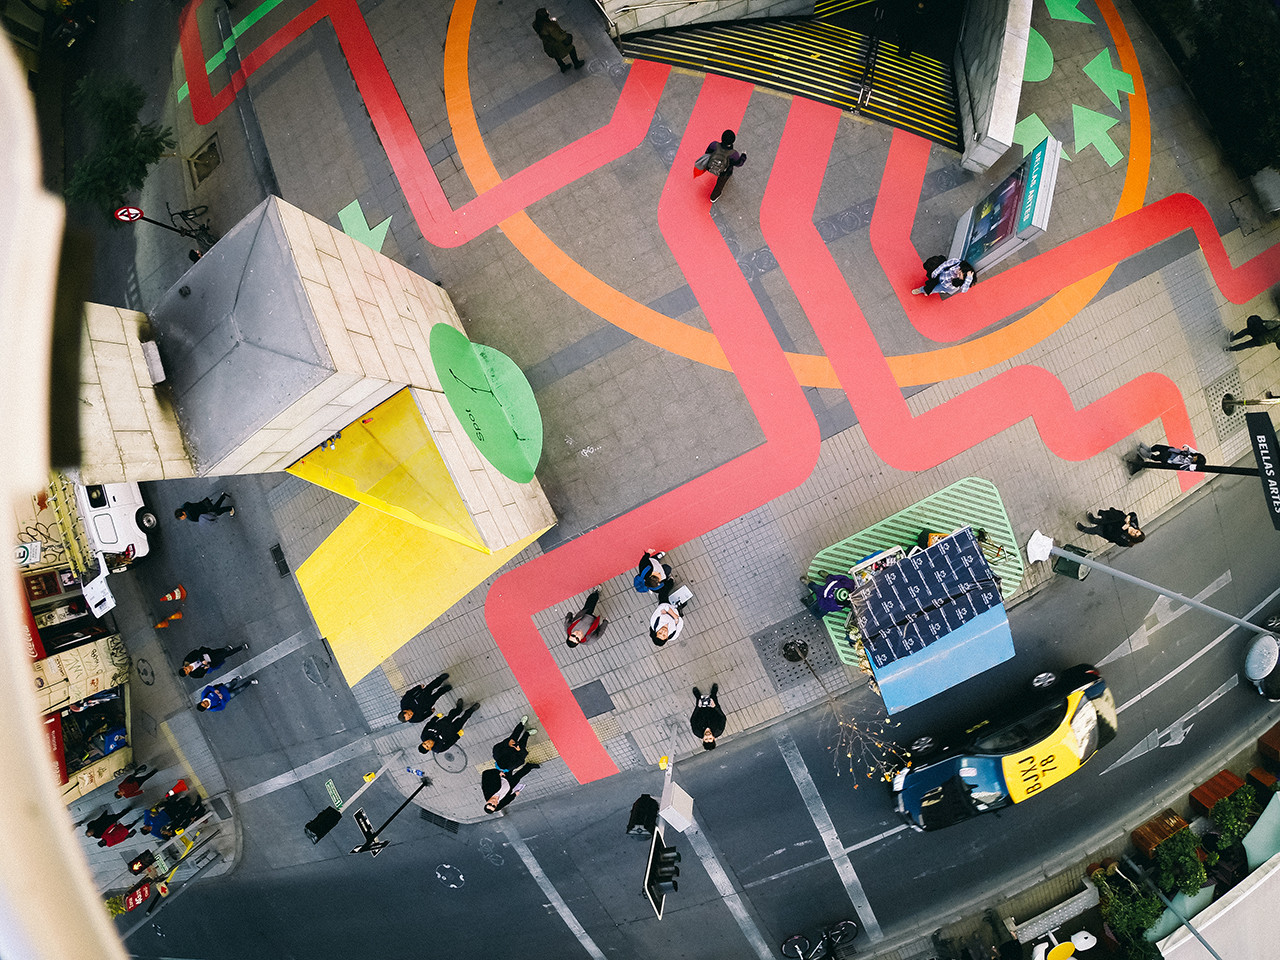 Intervenção Urbana: Huellas Artes, um toque colorido no centro de Santiago, © Ines Subtil